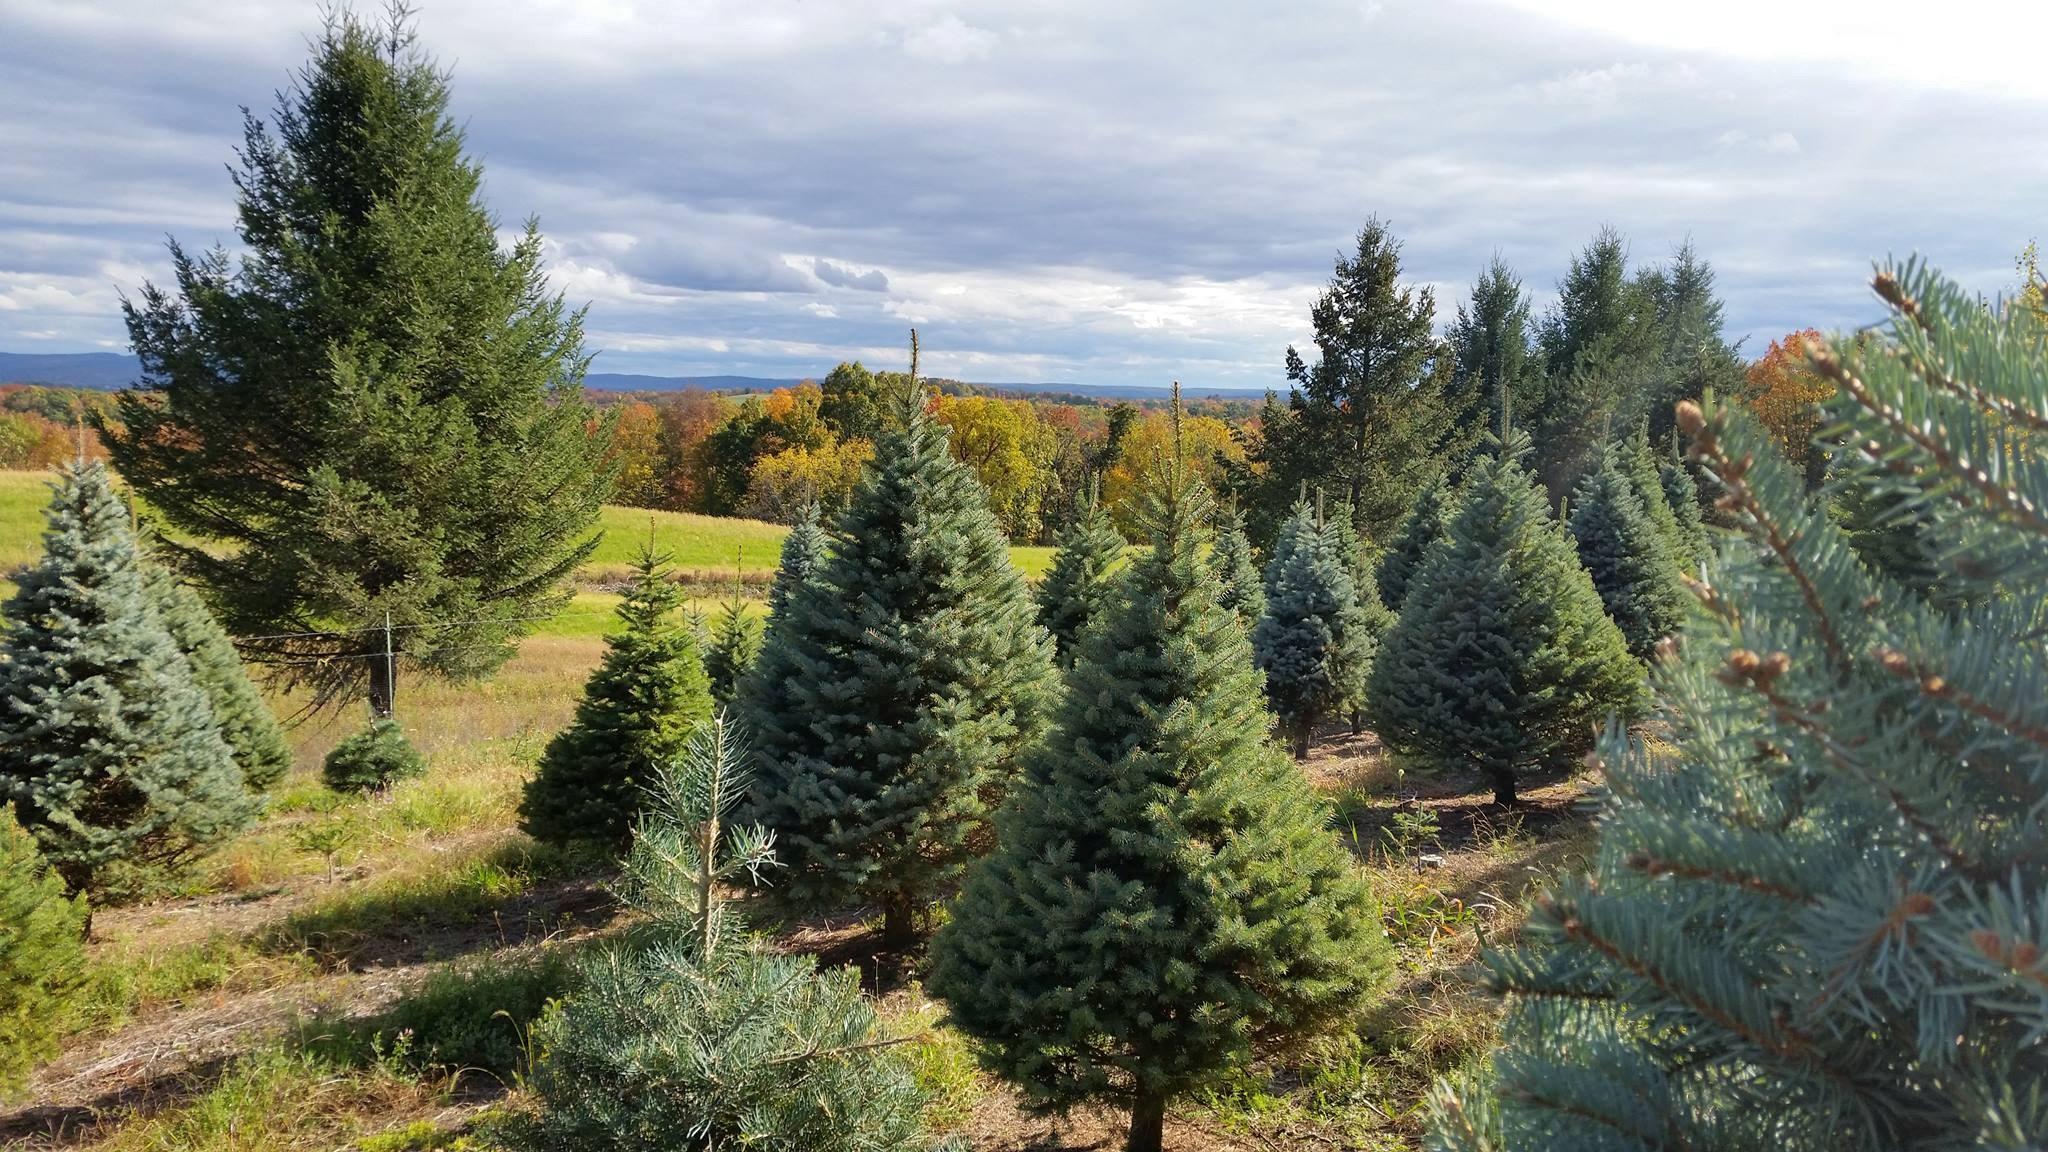 Sunny Hill Farm christmas tree farm | ChristmasTreeFarms.net